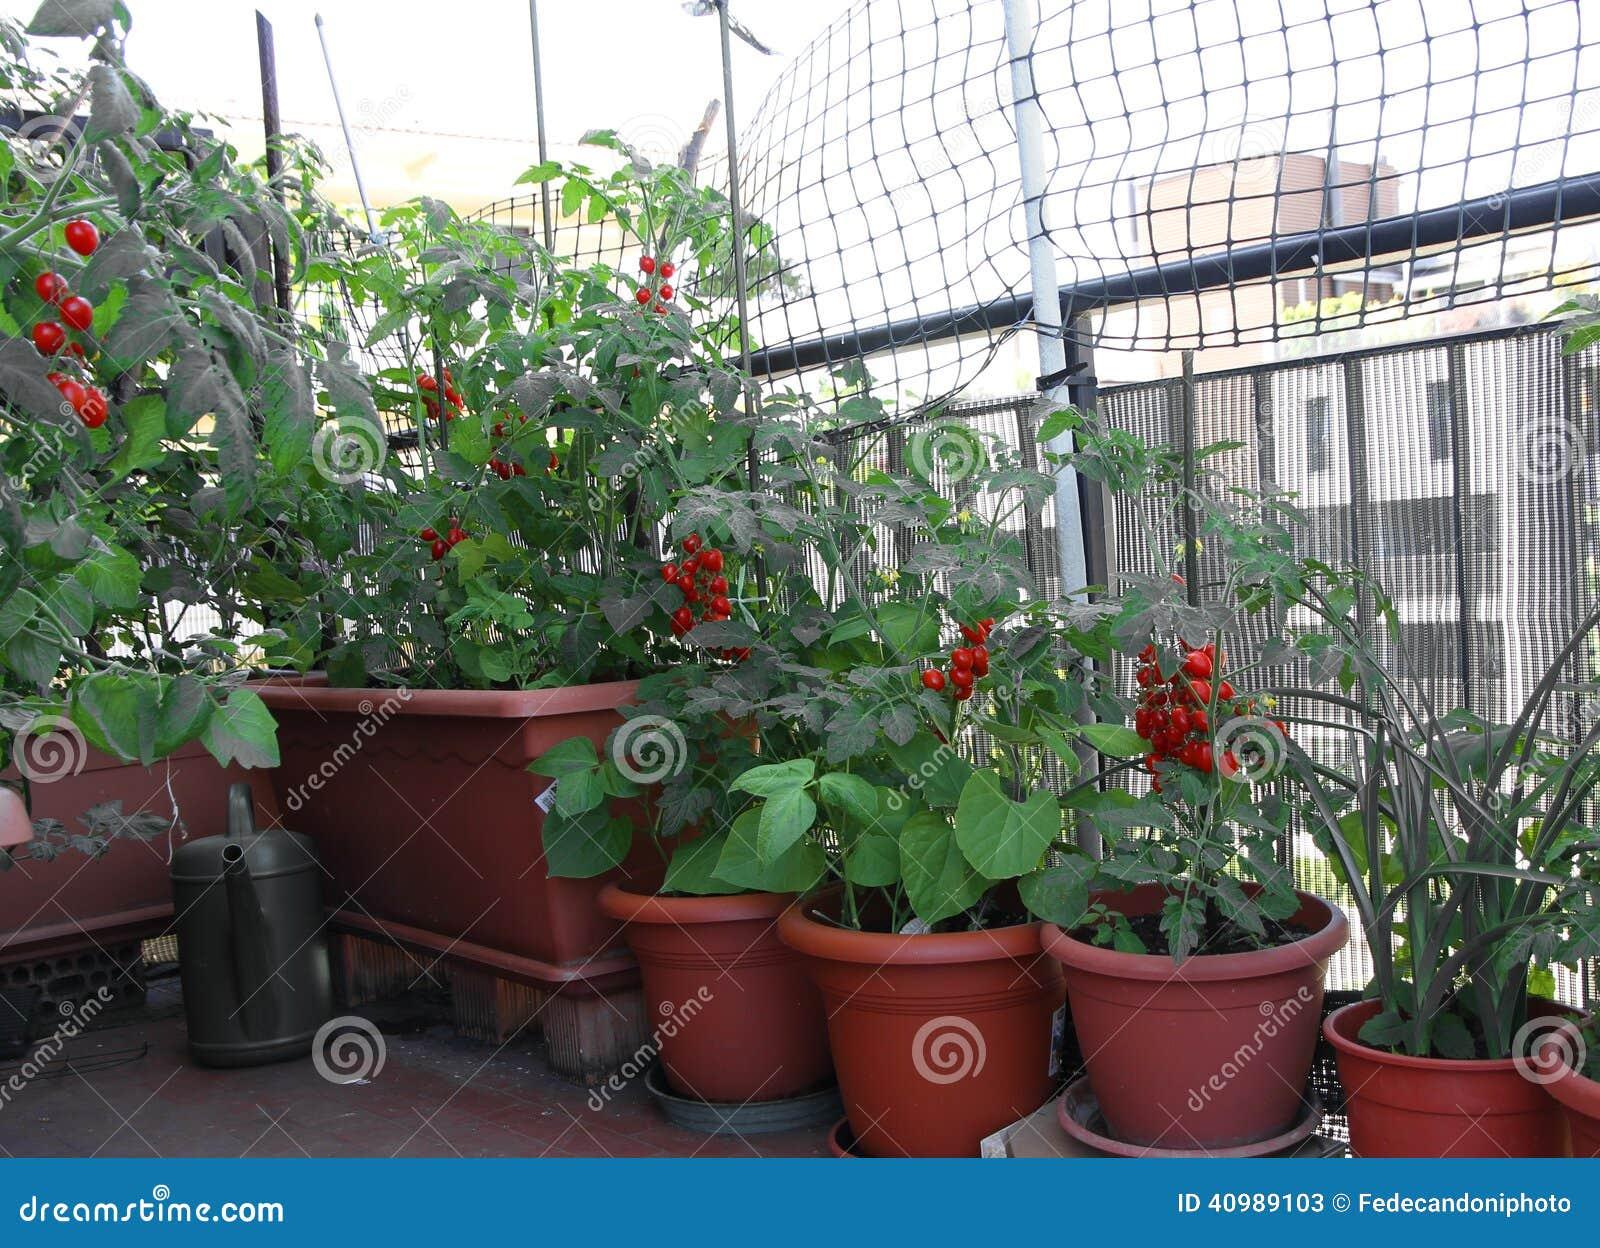 Många inlagda TOMATväxter på terrassen av huset